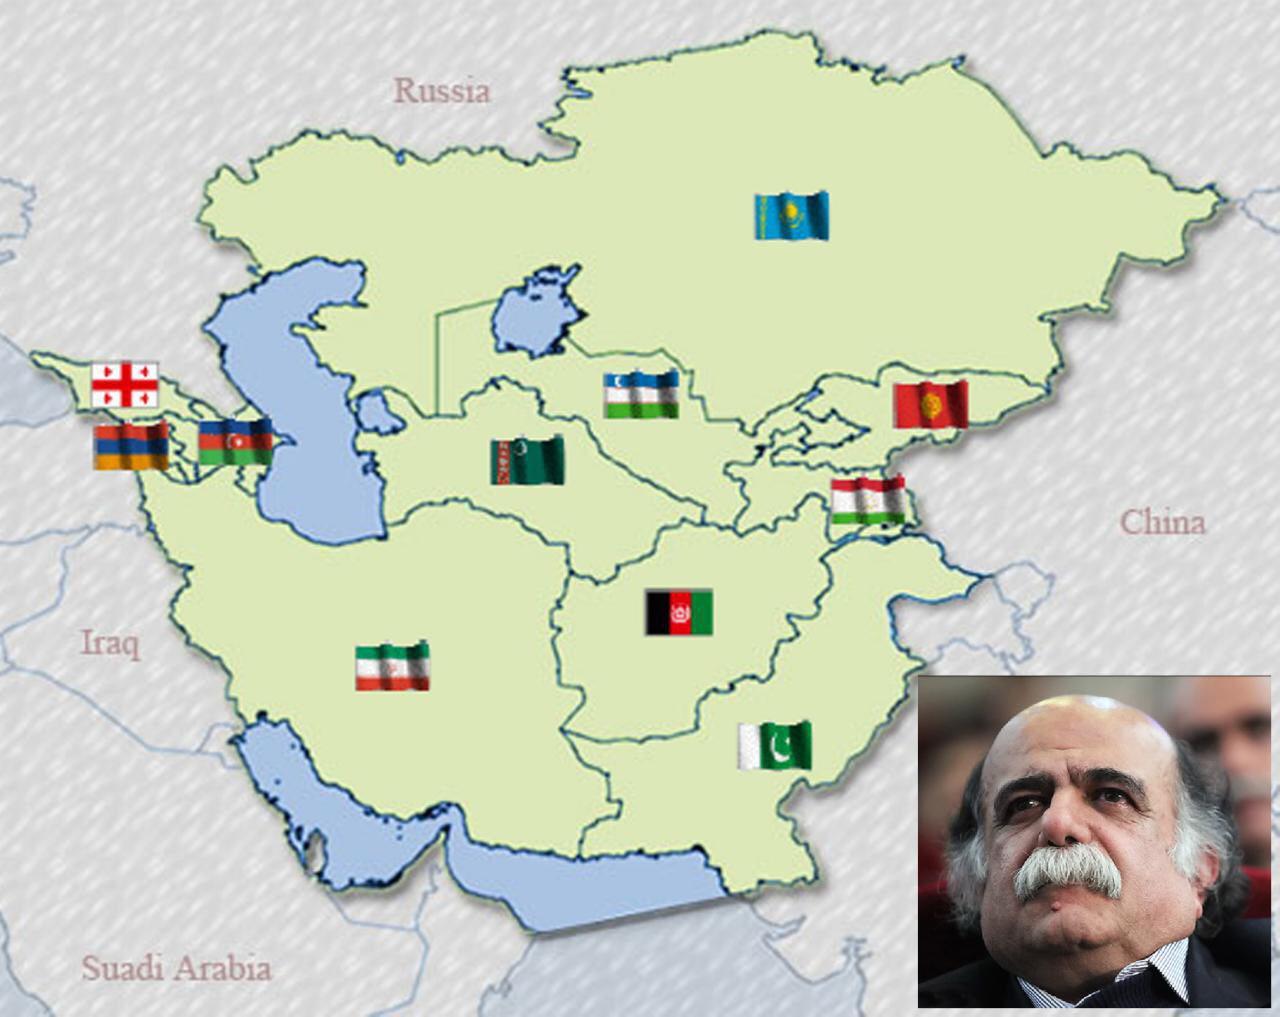 میرجلال الدین کزازی: همه یاریگر اندیشه بنیان گذاری اتحادیه کشورهای وارث تمدن ایرانی باشیم